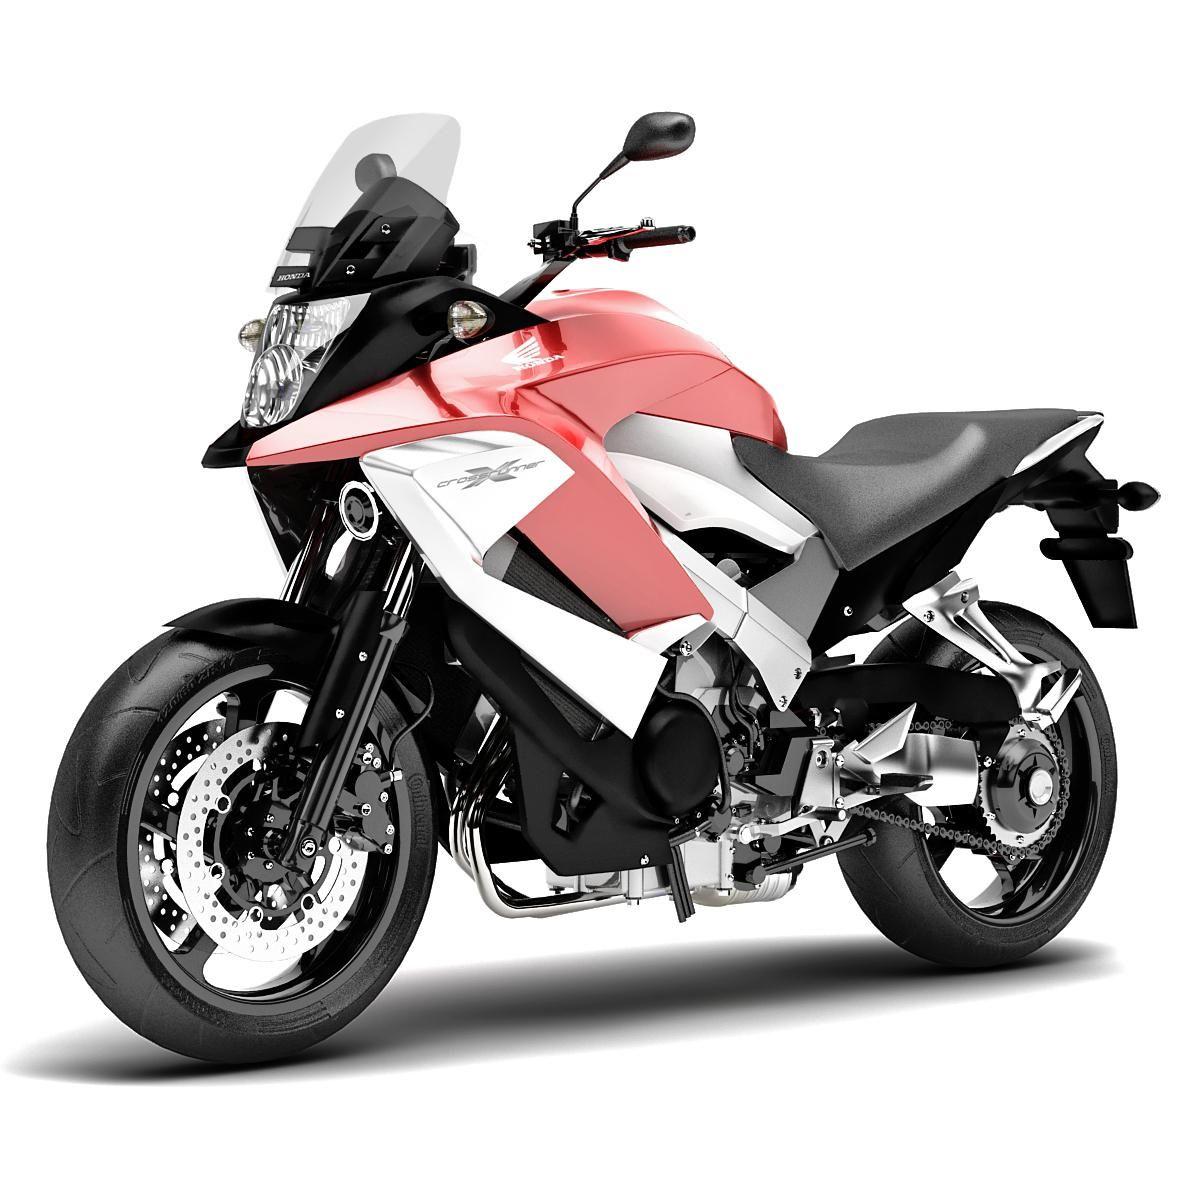 Honda Crossrunner 3D Model AD ,HondaCrossrunnerModel